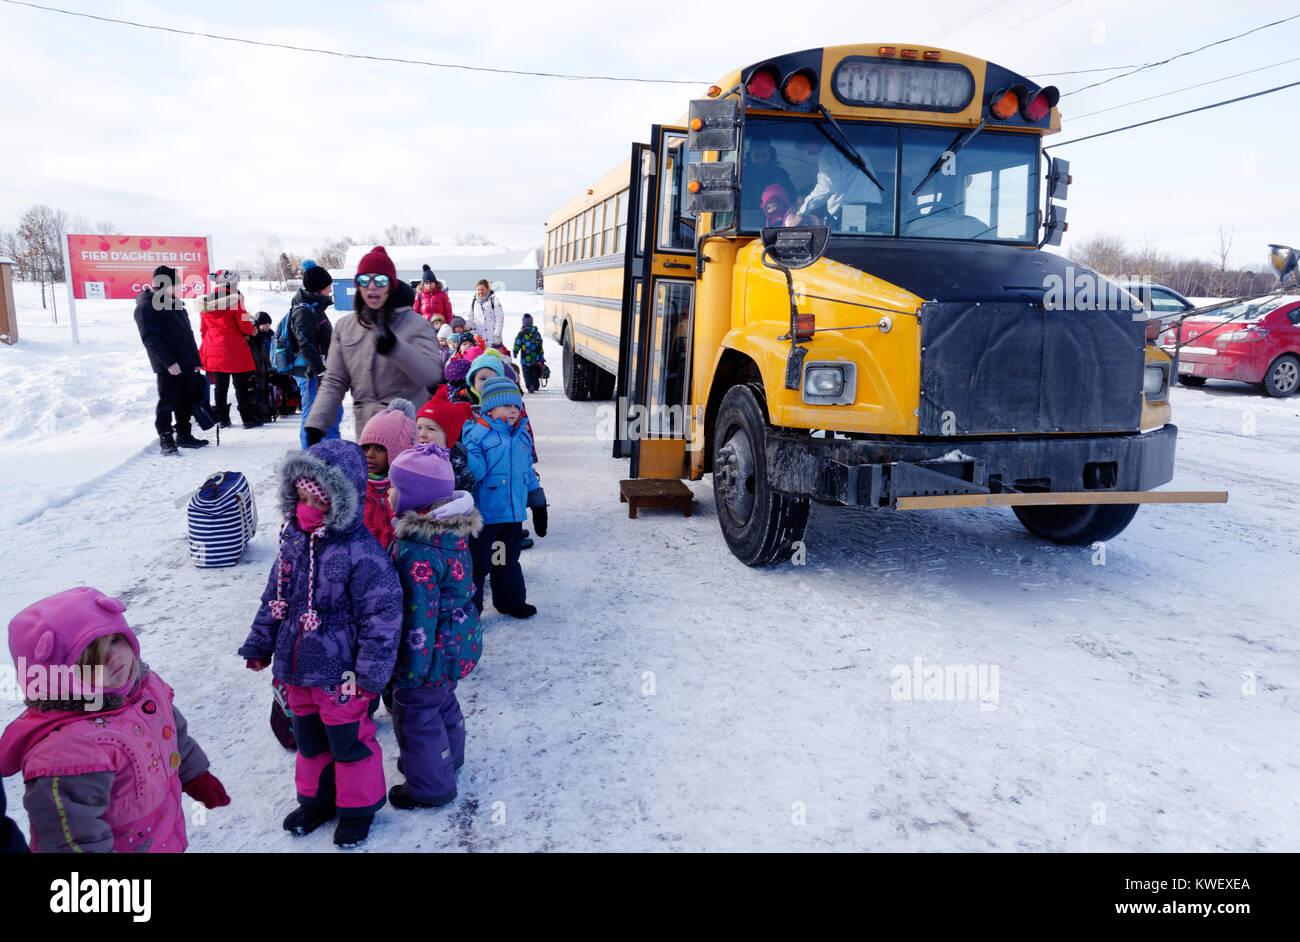 Une file de jeunes enfants de l'école par un bus scolaire à l'hiver au Québec Photo Stock